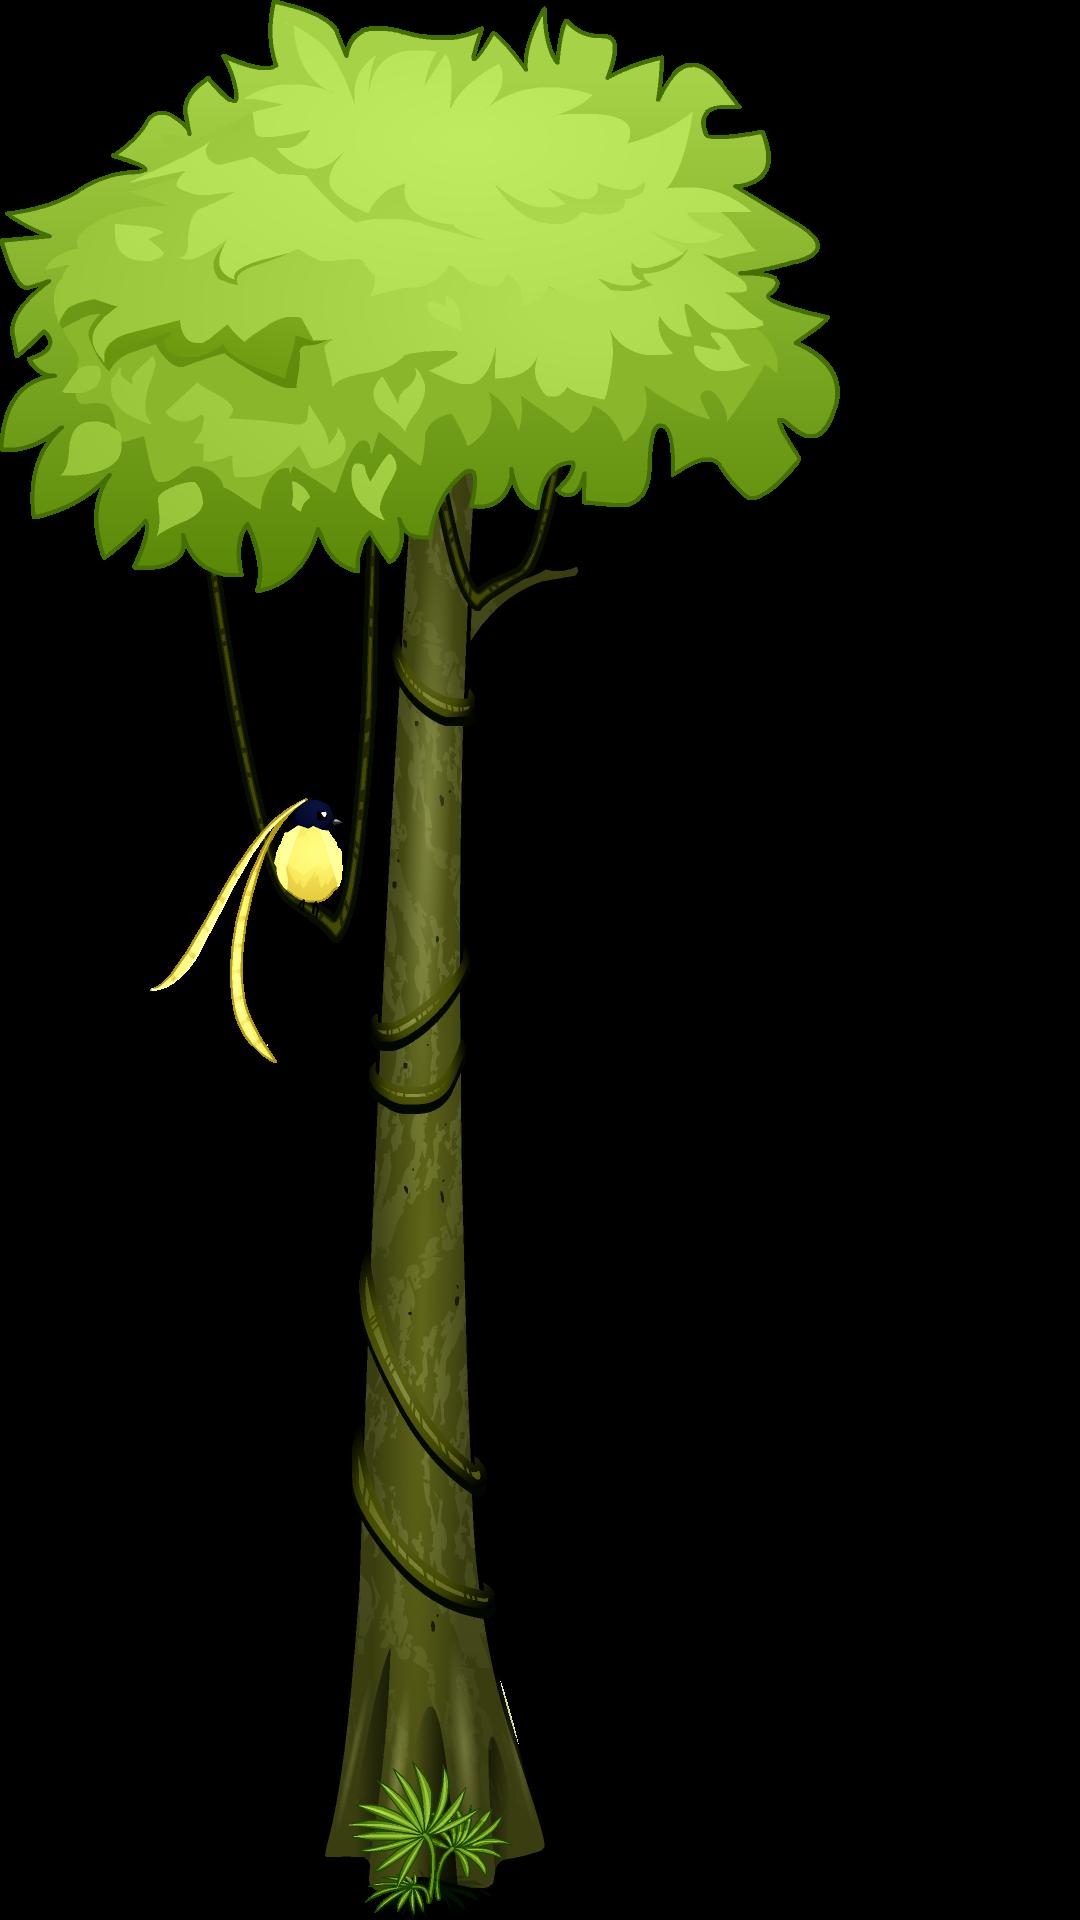 1080x1920 Amazon Rainforest Tropical Rainforest Tree Clip Art